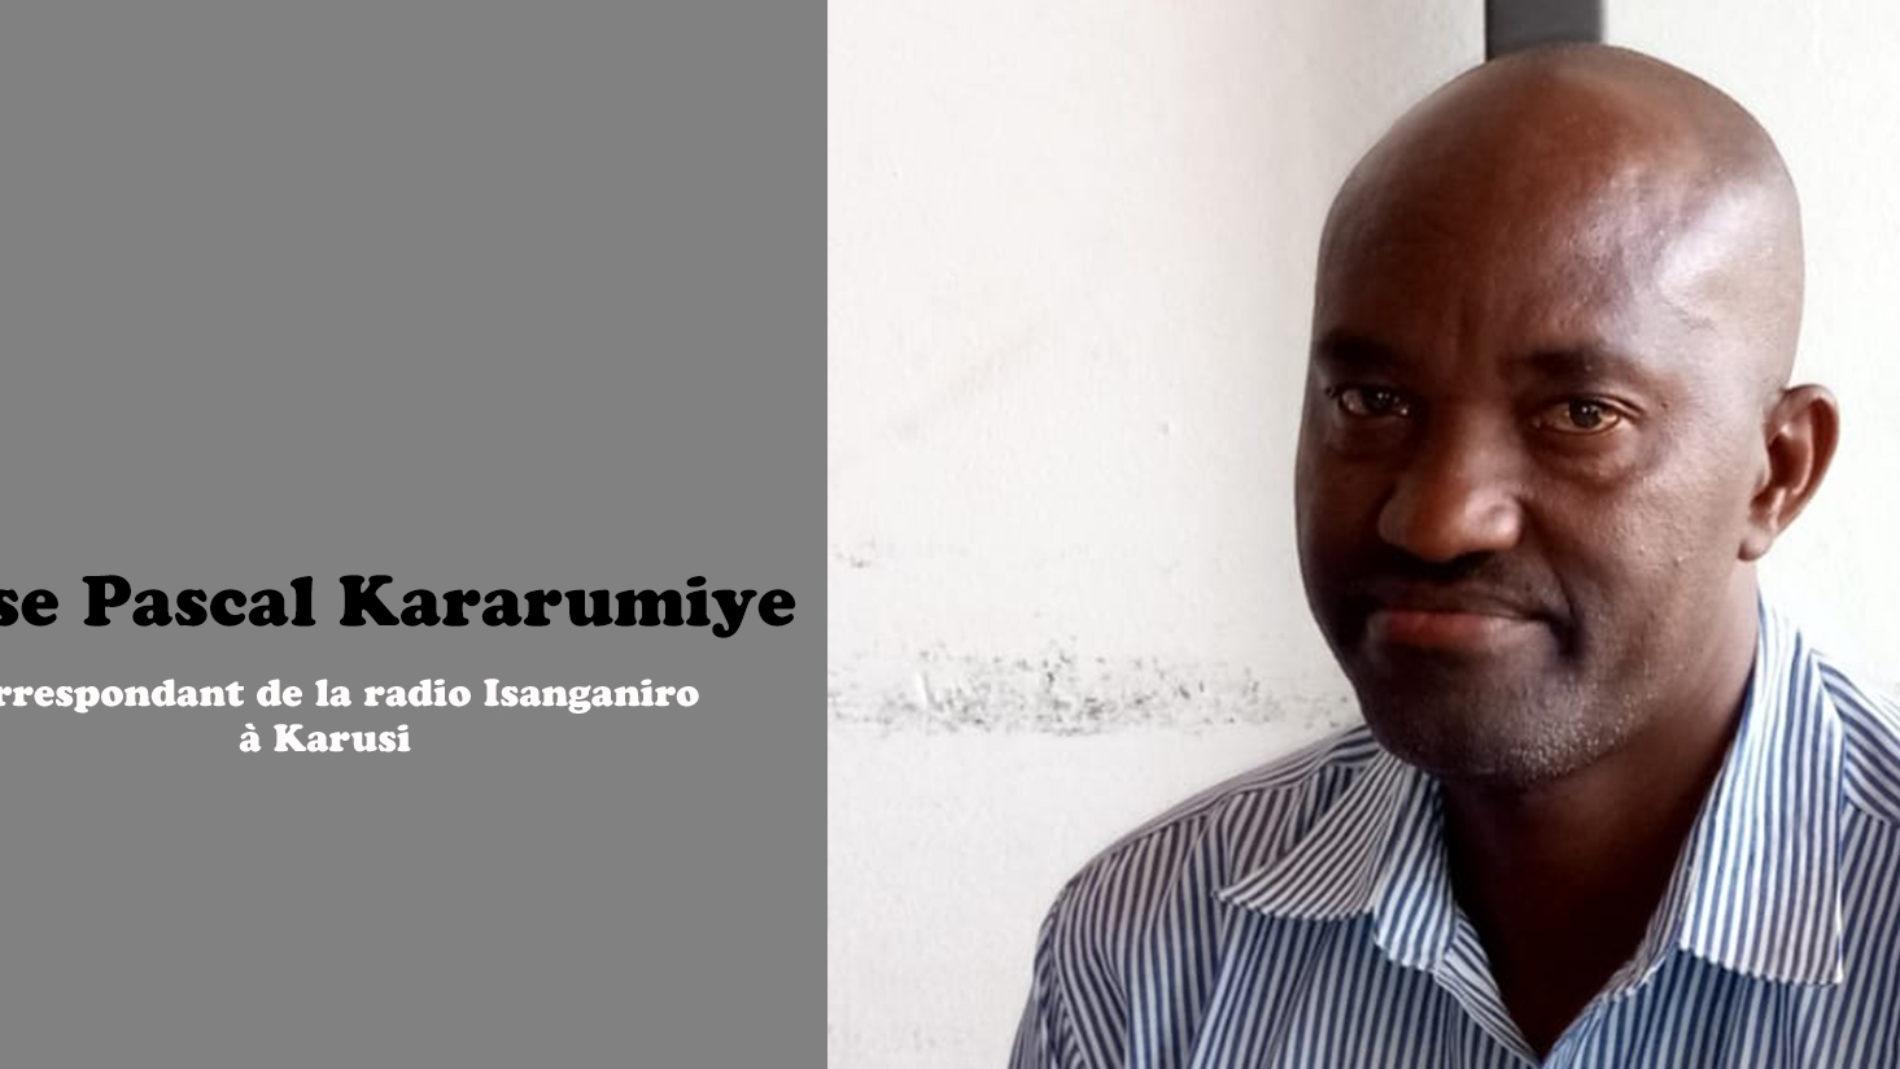 Arrestation d'un correspondant de la radio Isanganiro à Karusi